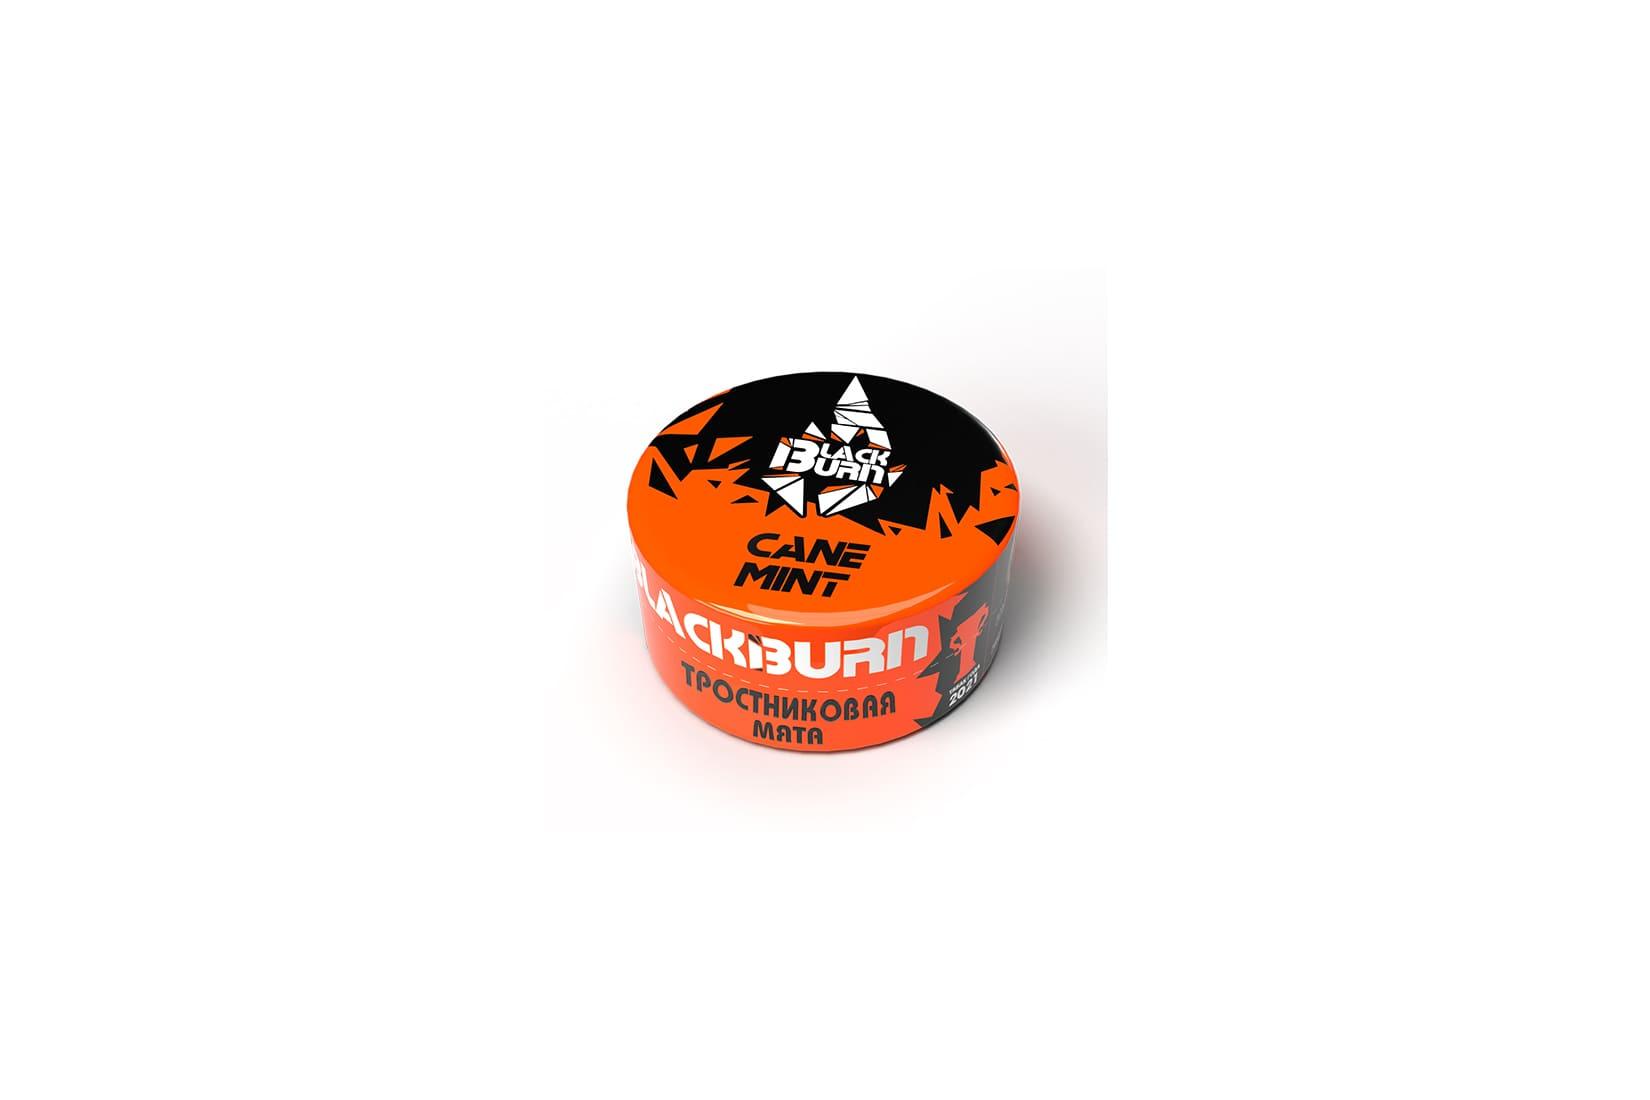 Табак для кальяна Black Burn CANE MINT – описание, миксы, отзывы